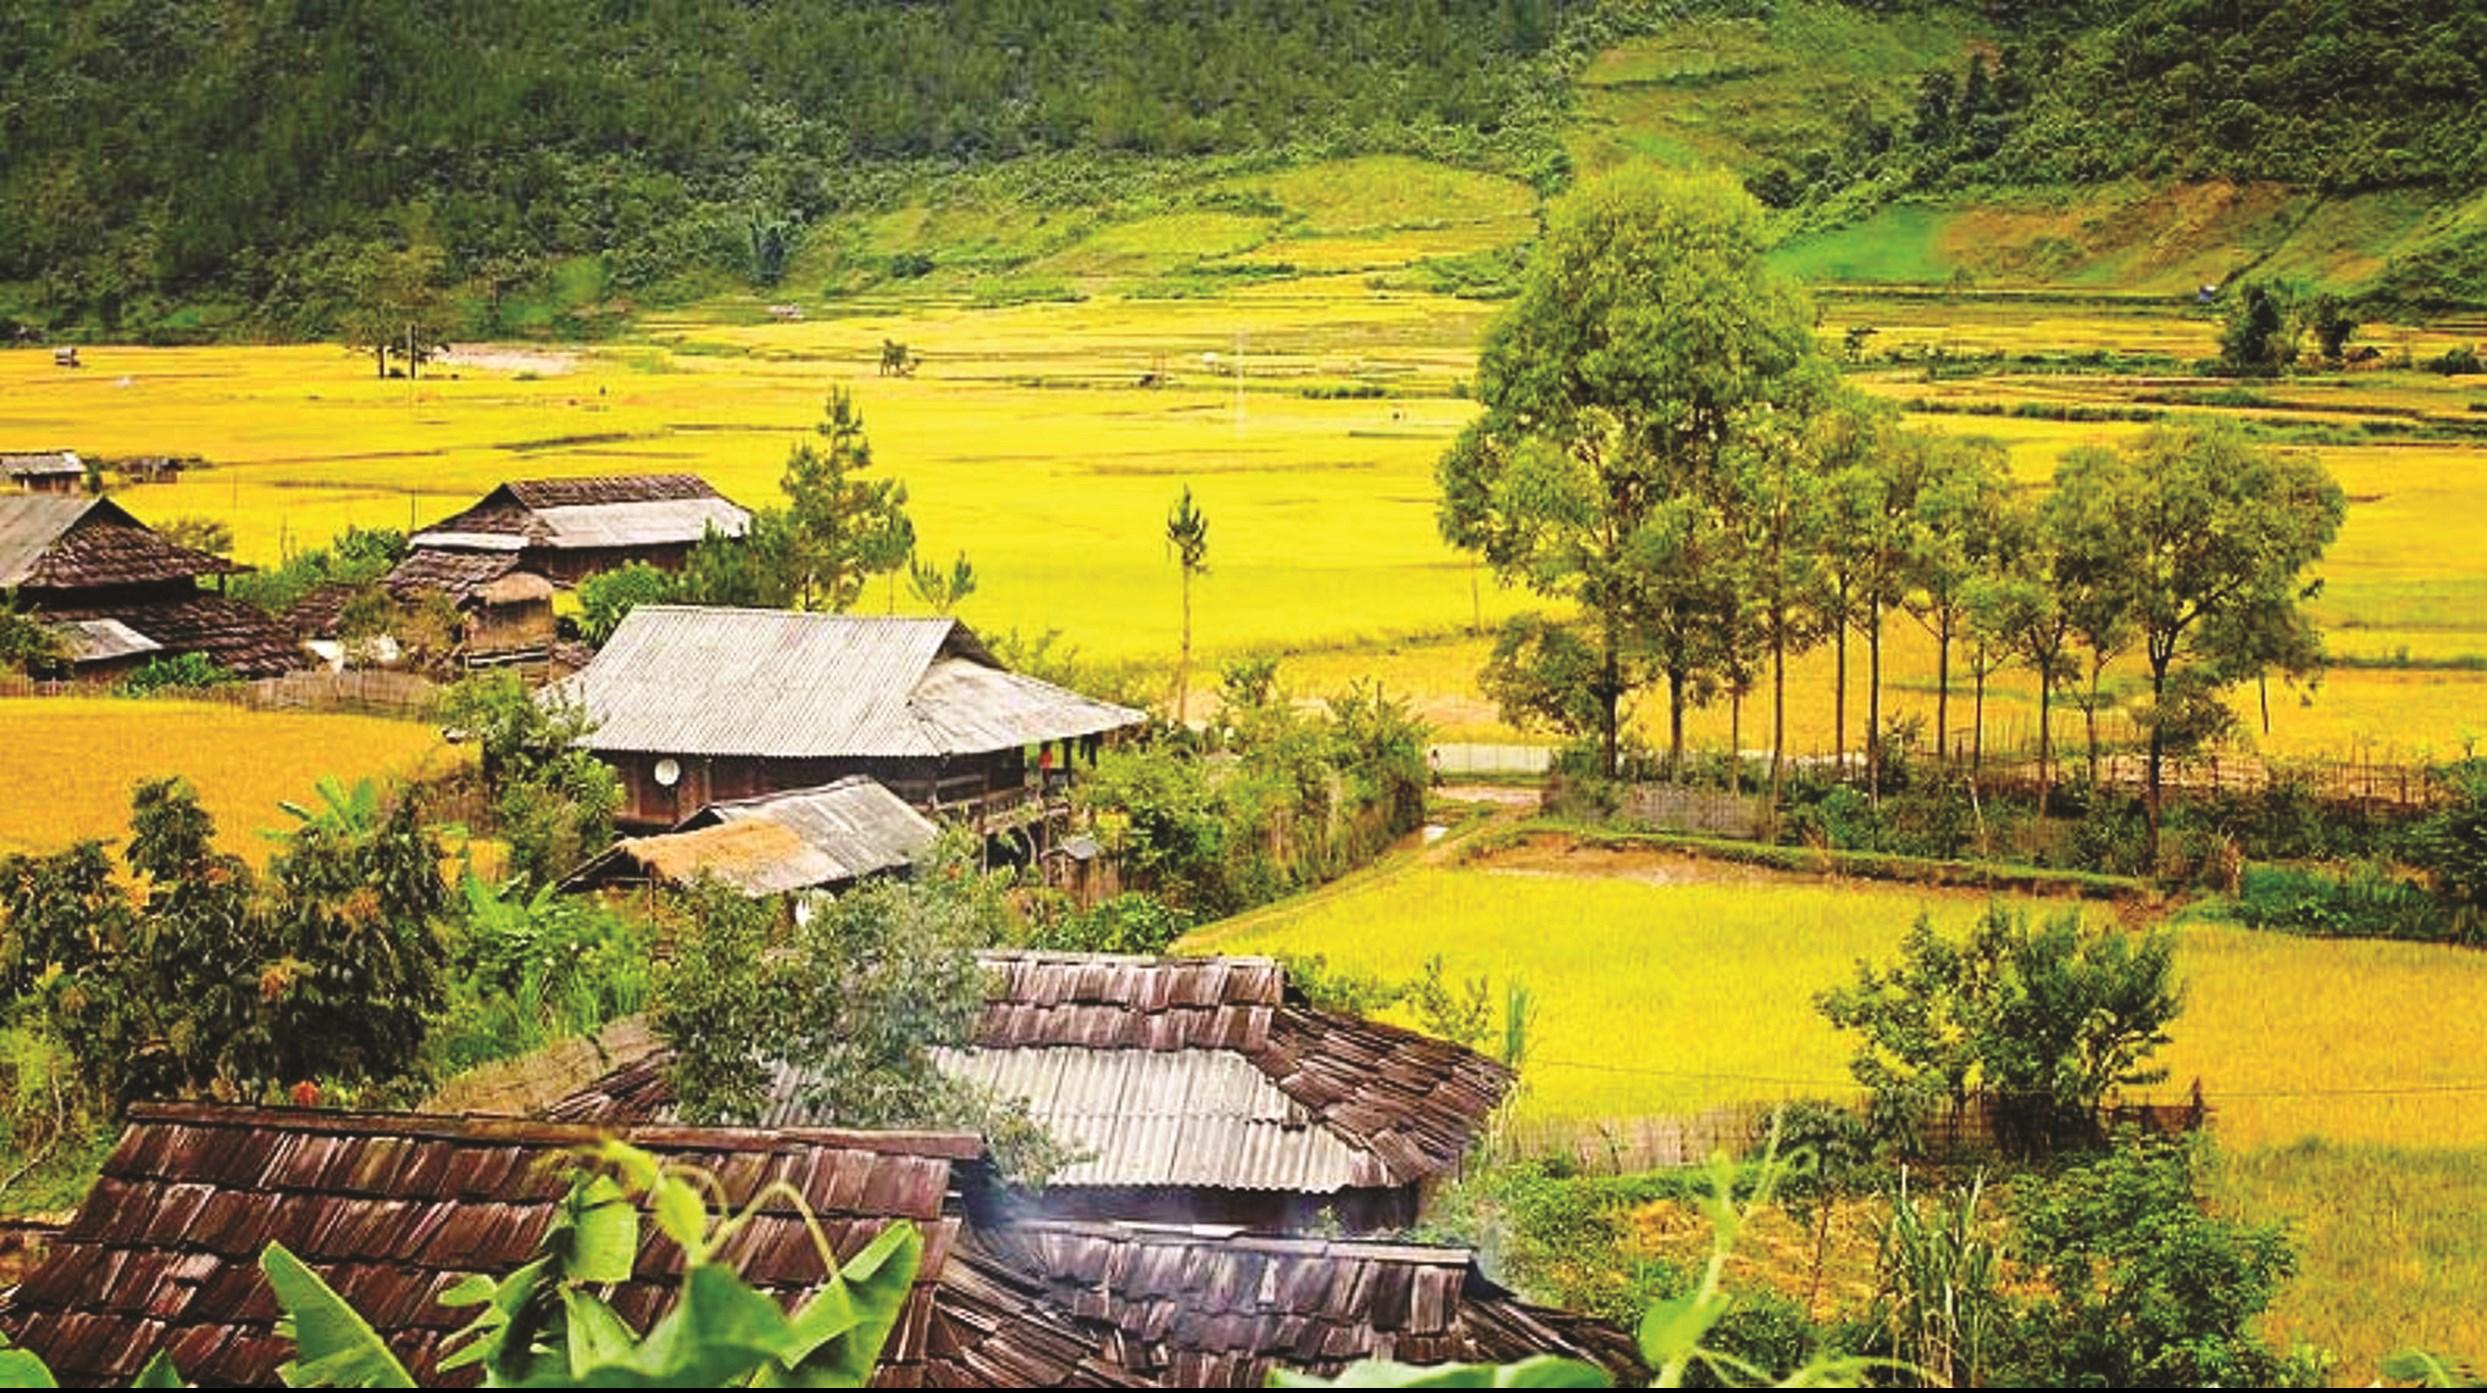 Nhiều xã vùng đồng bào DTTS và miền núi đã về đích nông thôn mới nhưng vẫn còn rất khó khăn. (Ảnh tư liệu)